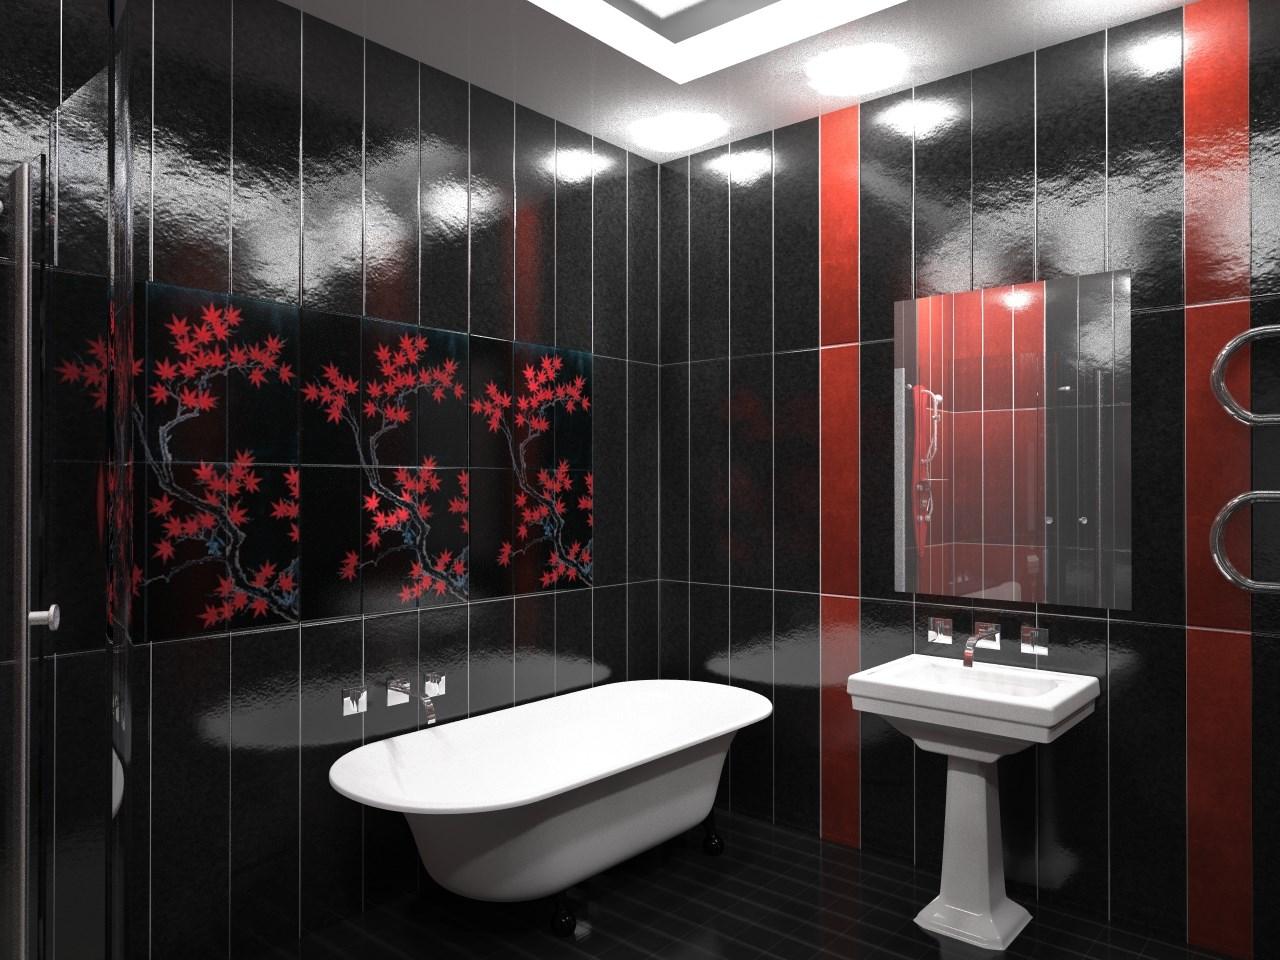 Ремонт из пластиковых панелей в ванной дизайн